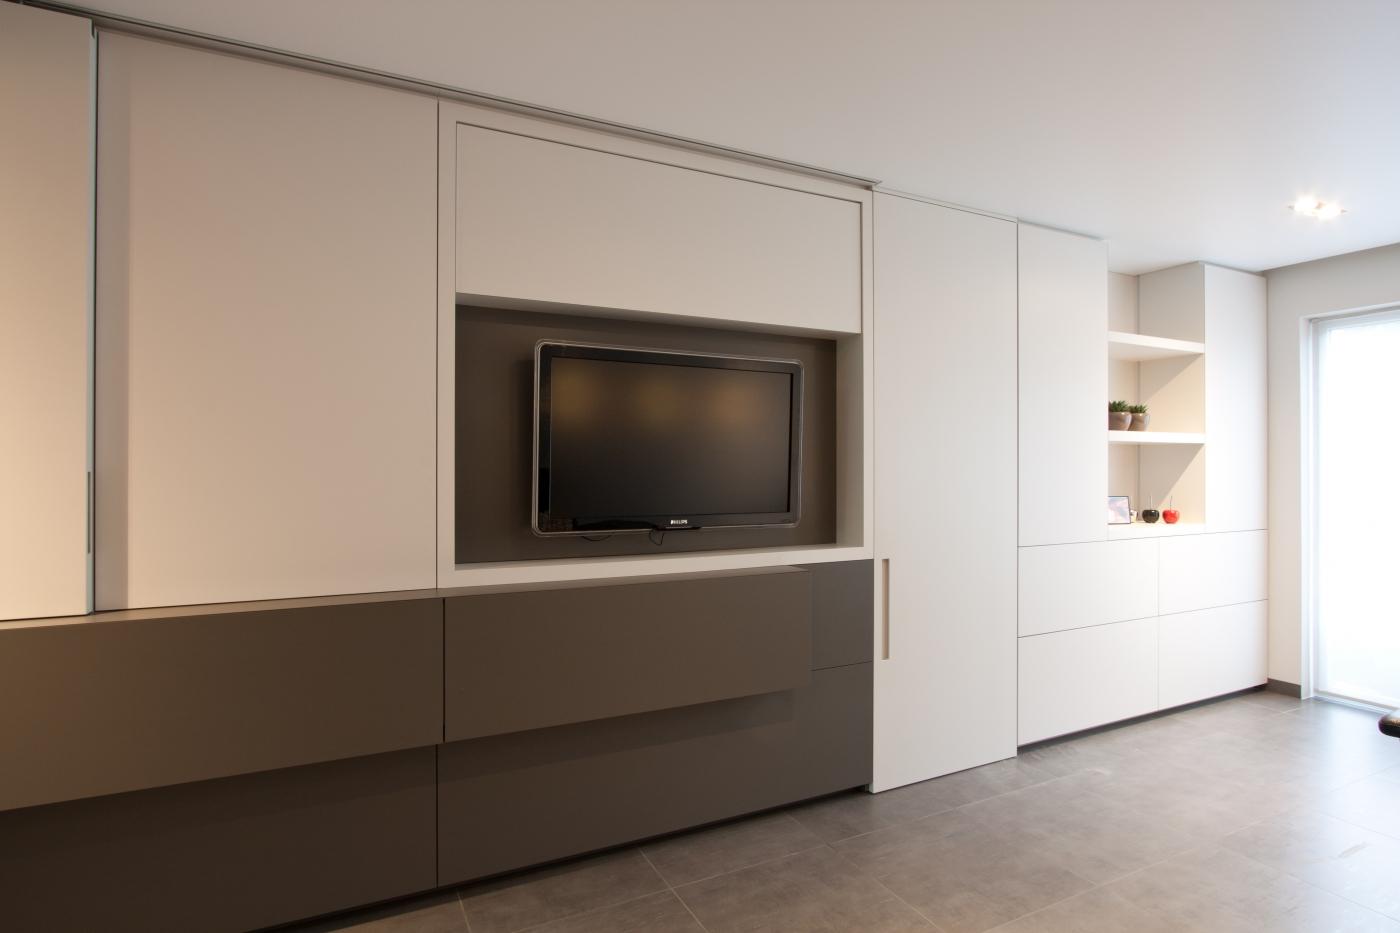 Moderne woonkamer alluur for Moderne woonkamer